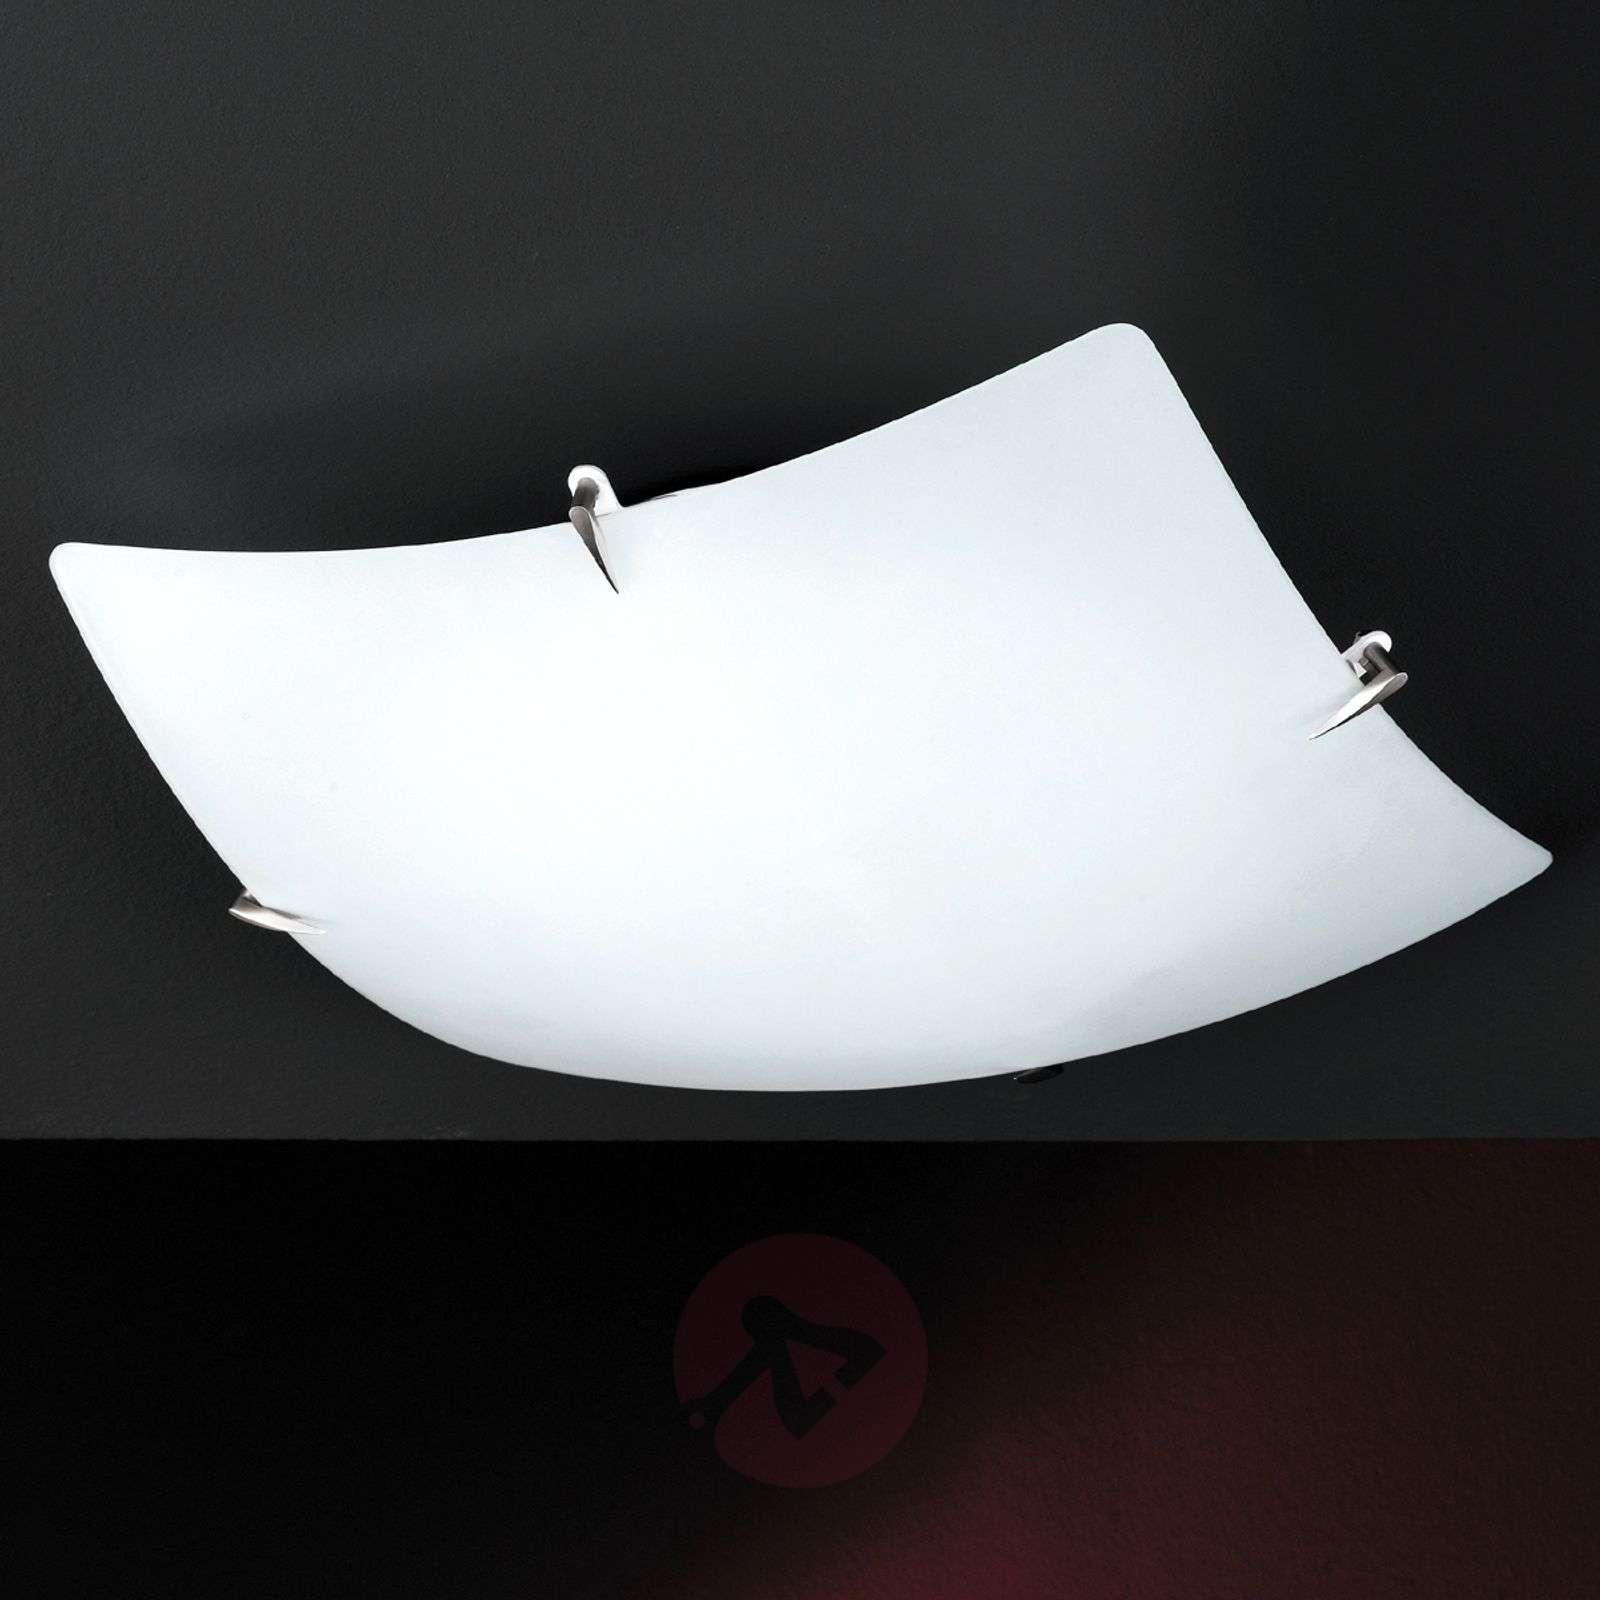 Assani Ceiling Light Elegant-4509739-02